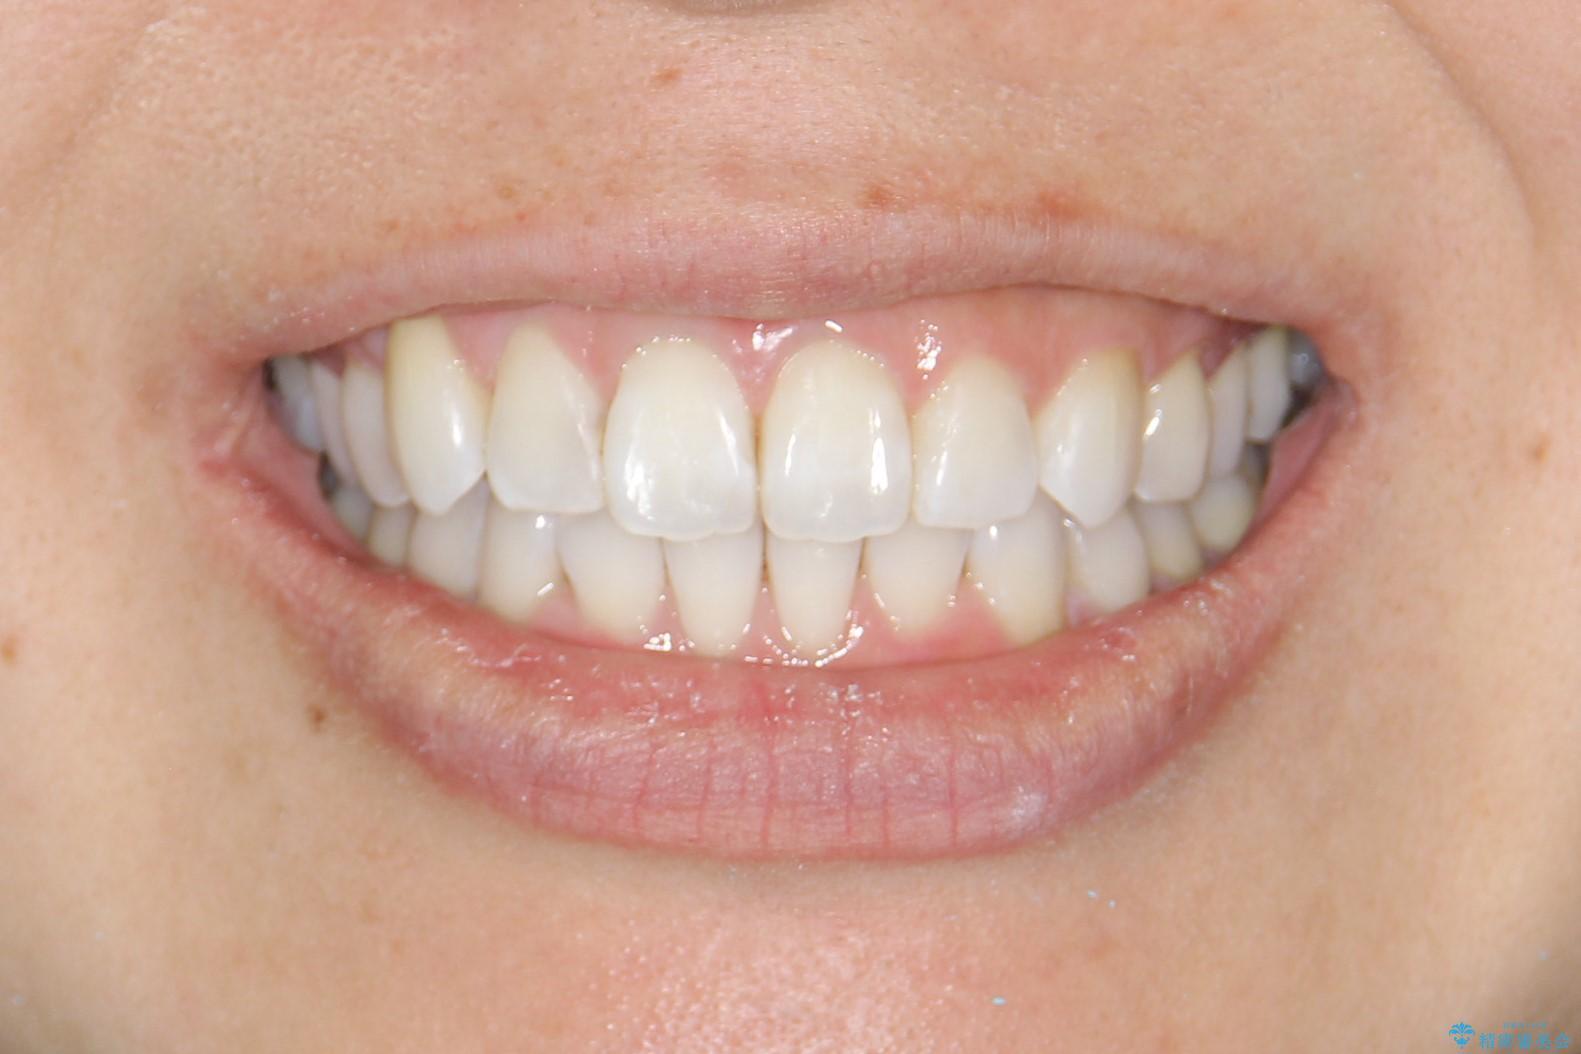 抜歯せずに八重歯のマウスピース矯正の治療後(顔貌)